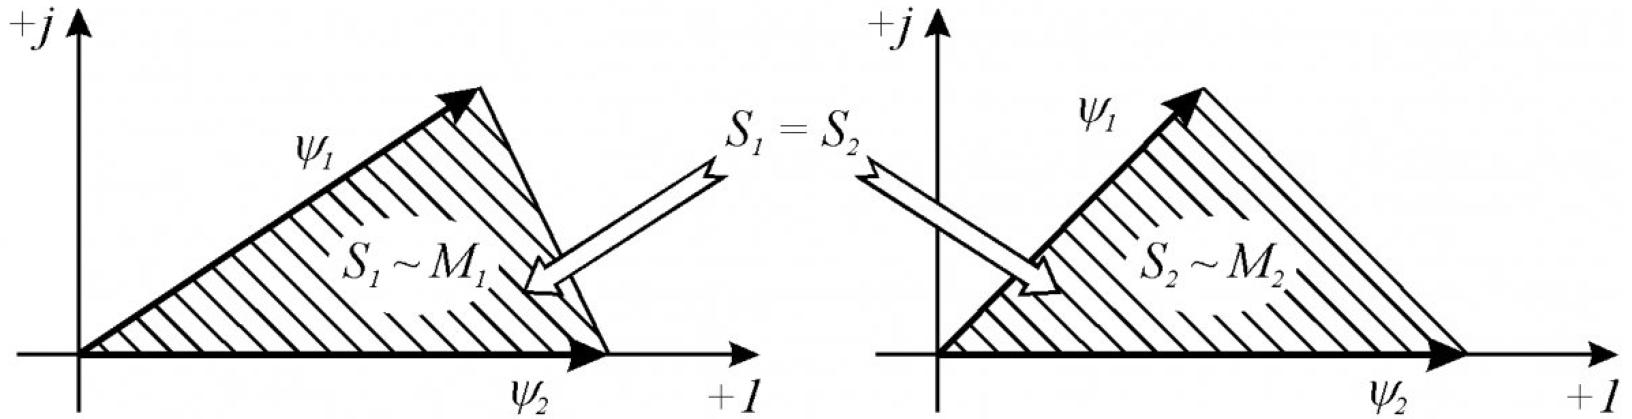 Градиентное управление в решении основных задач электропривода 1